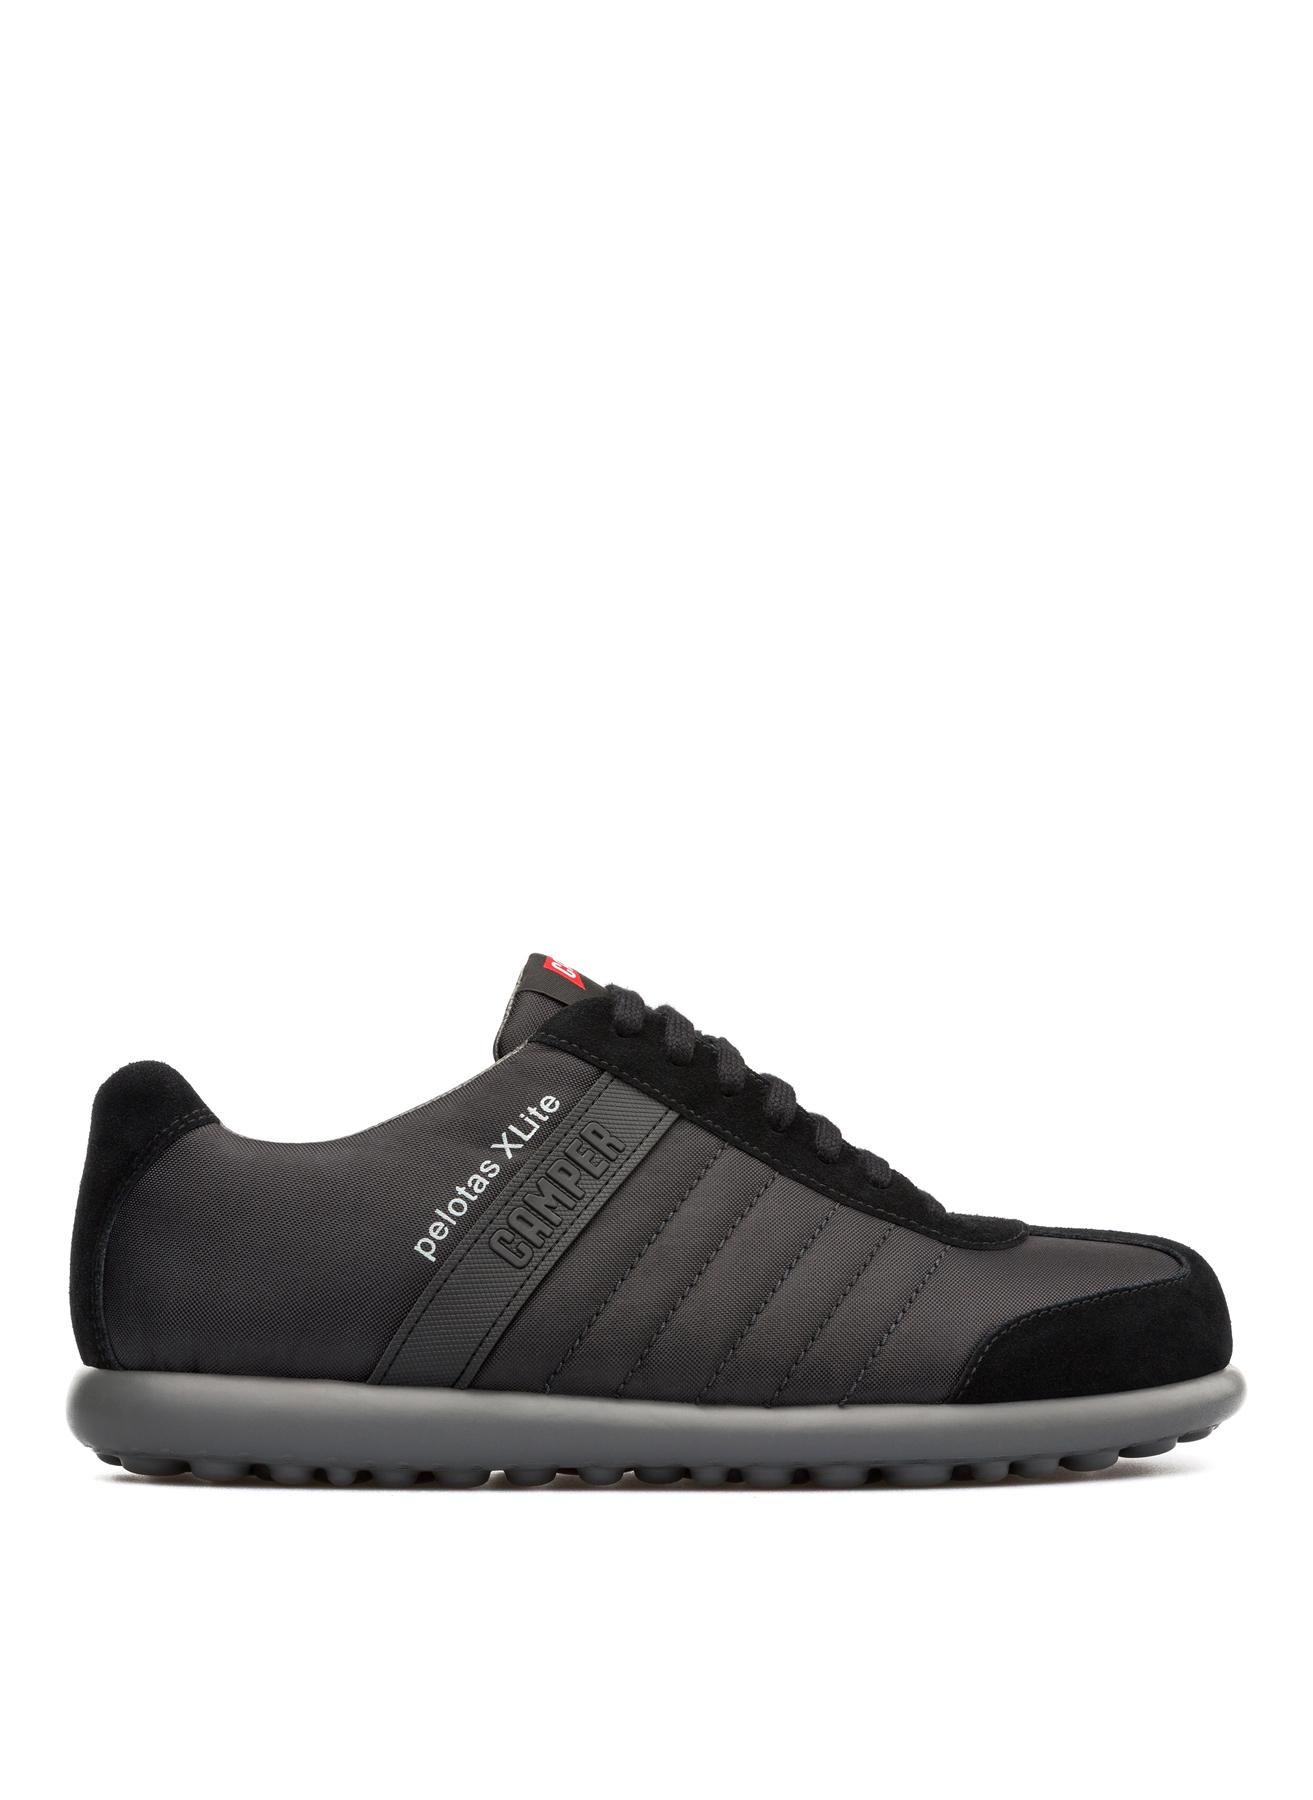 Camper Erkek Deri Siyah Günlük Ayakkabı 45 5001910280007 Ürün Resmi